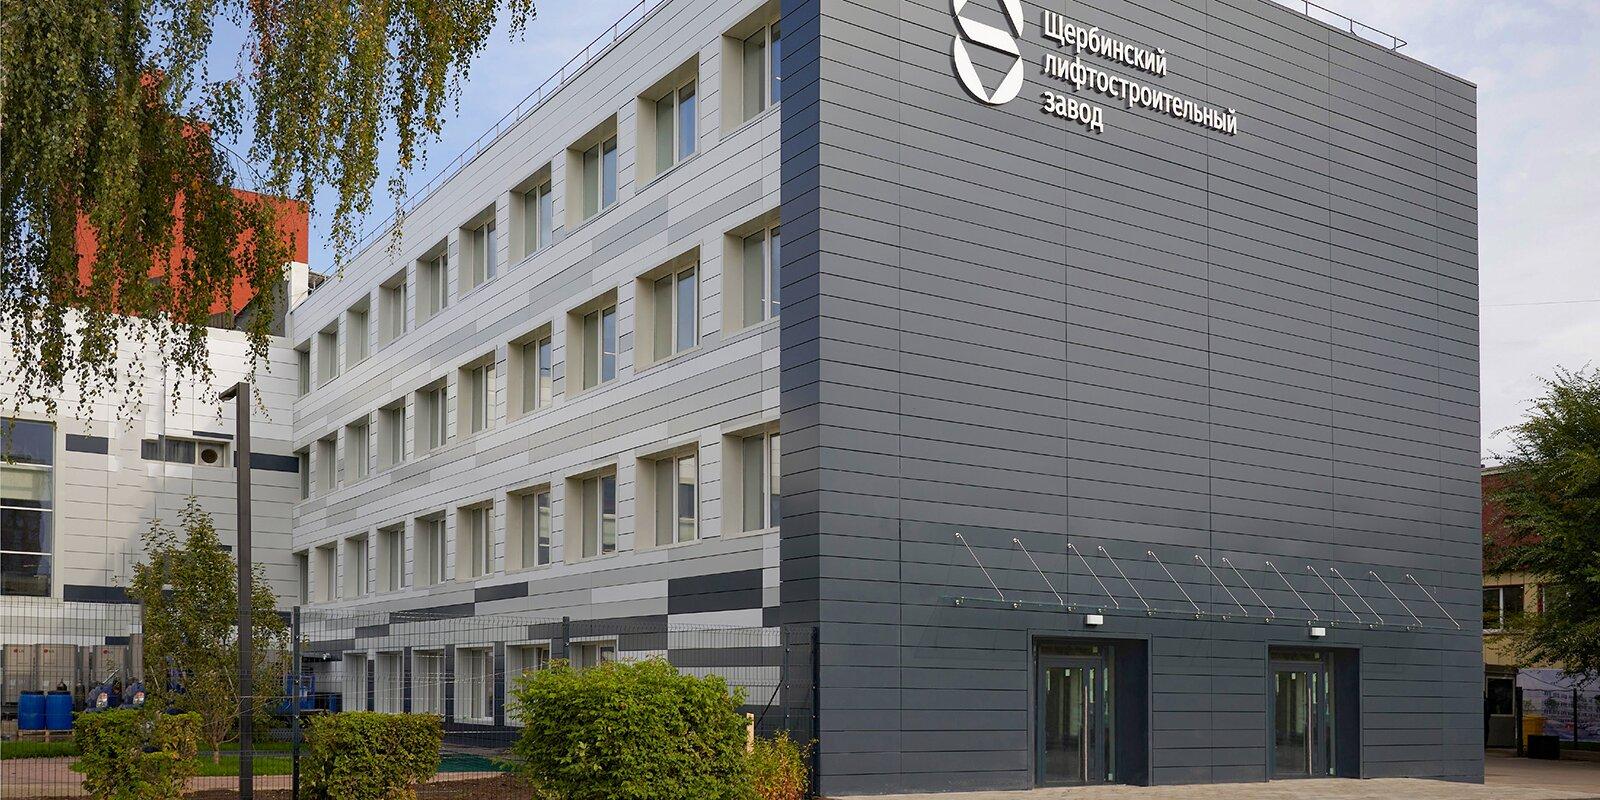 Как работает обновленный лифтостроительный завод в Щербинке